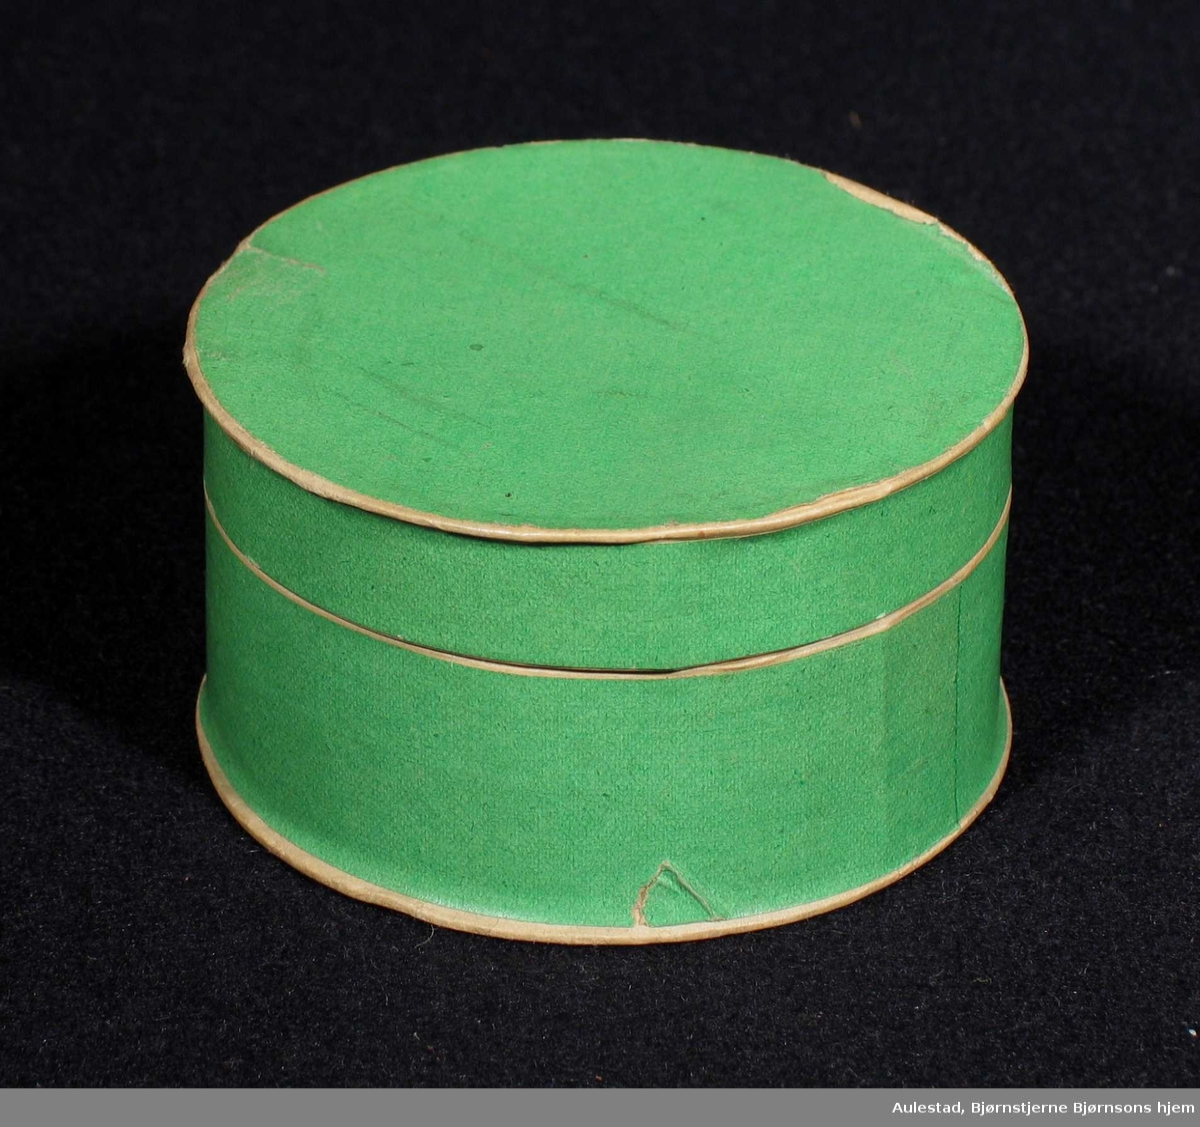 Rund grønn eske med lokk laget i kartong.